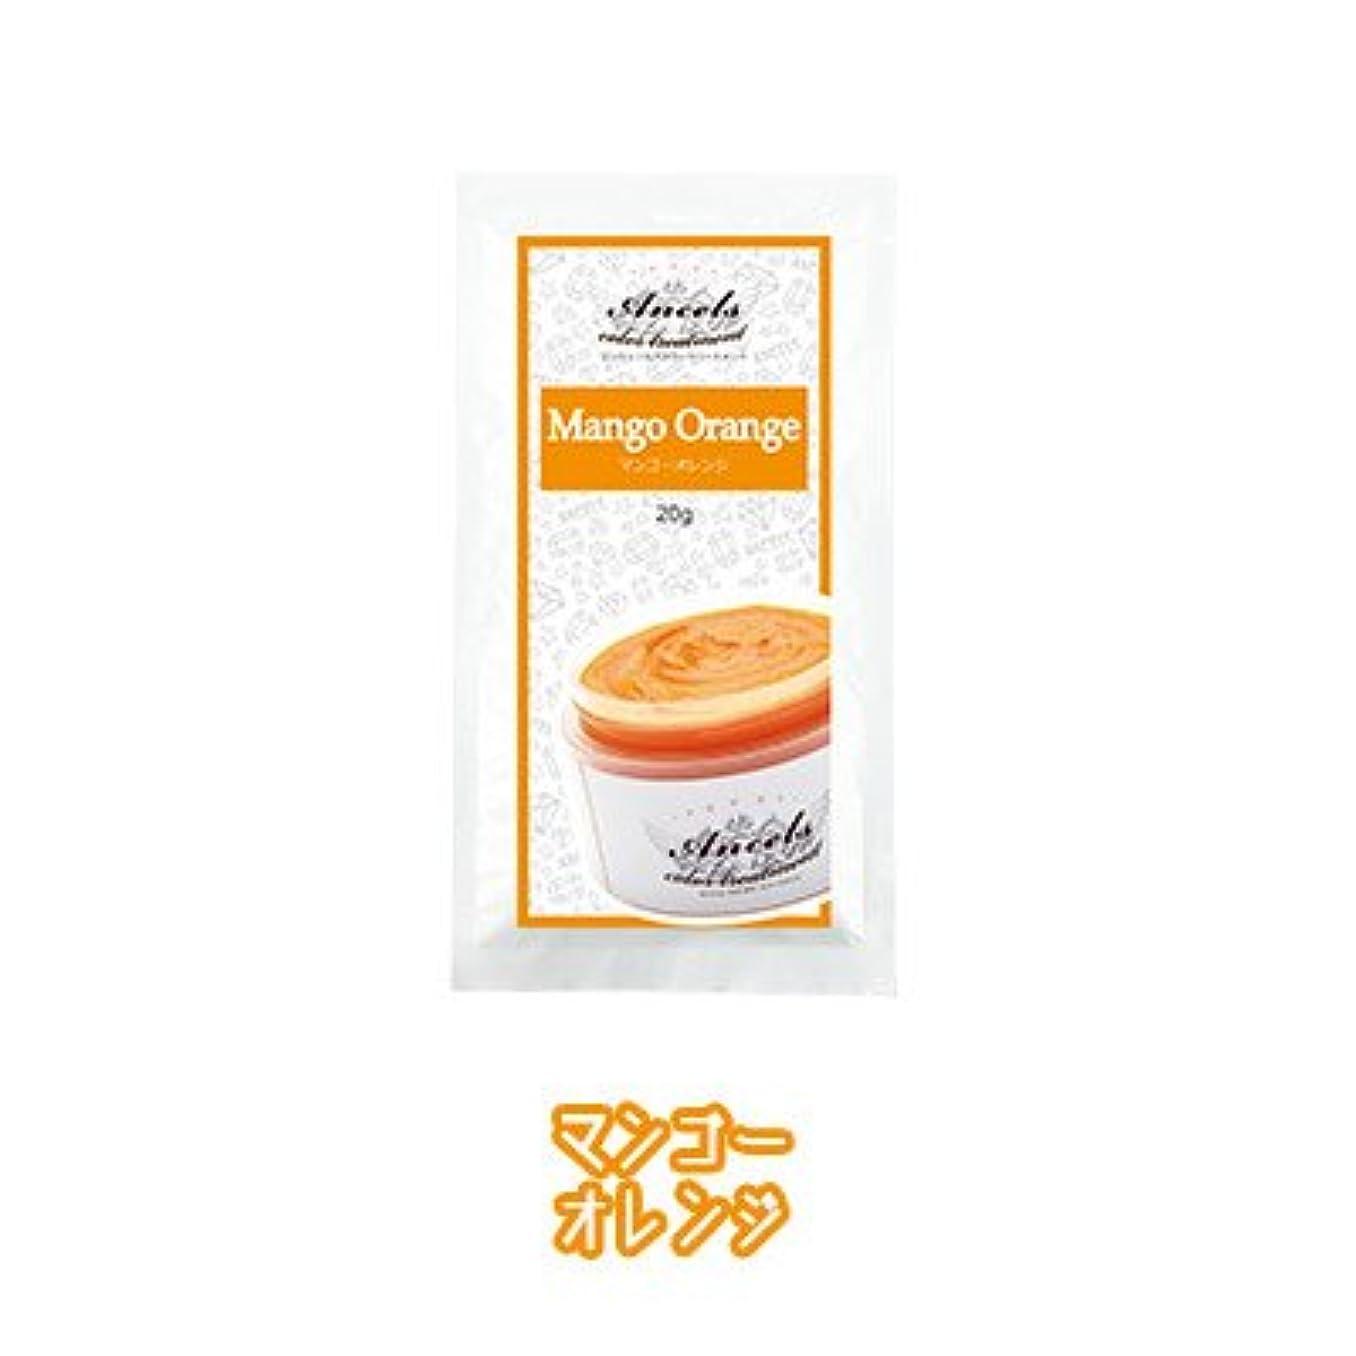 ピービッシュ徒歩でデクリメントエンシェールズ カラートリートメントバター プチ(お試しサイズ) マンゴーオレンジ 20g